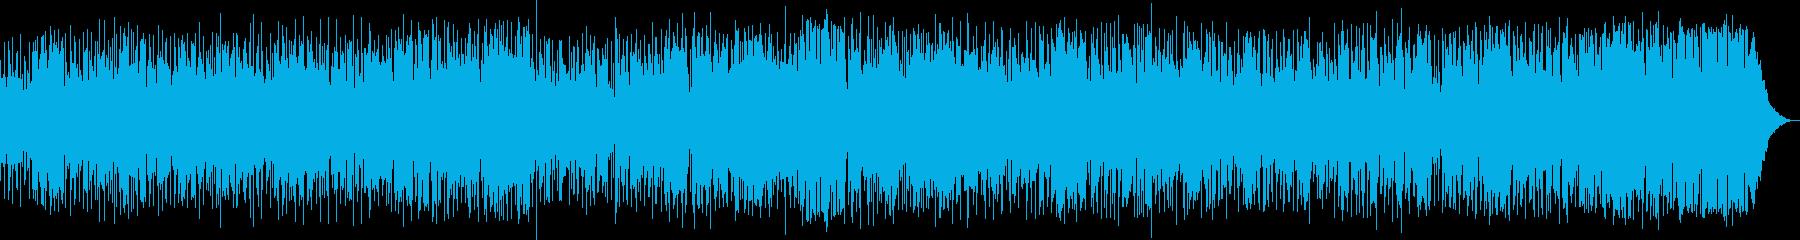 疾走感溢れるジャズ・ファンクの再生済みの波形